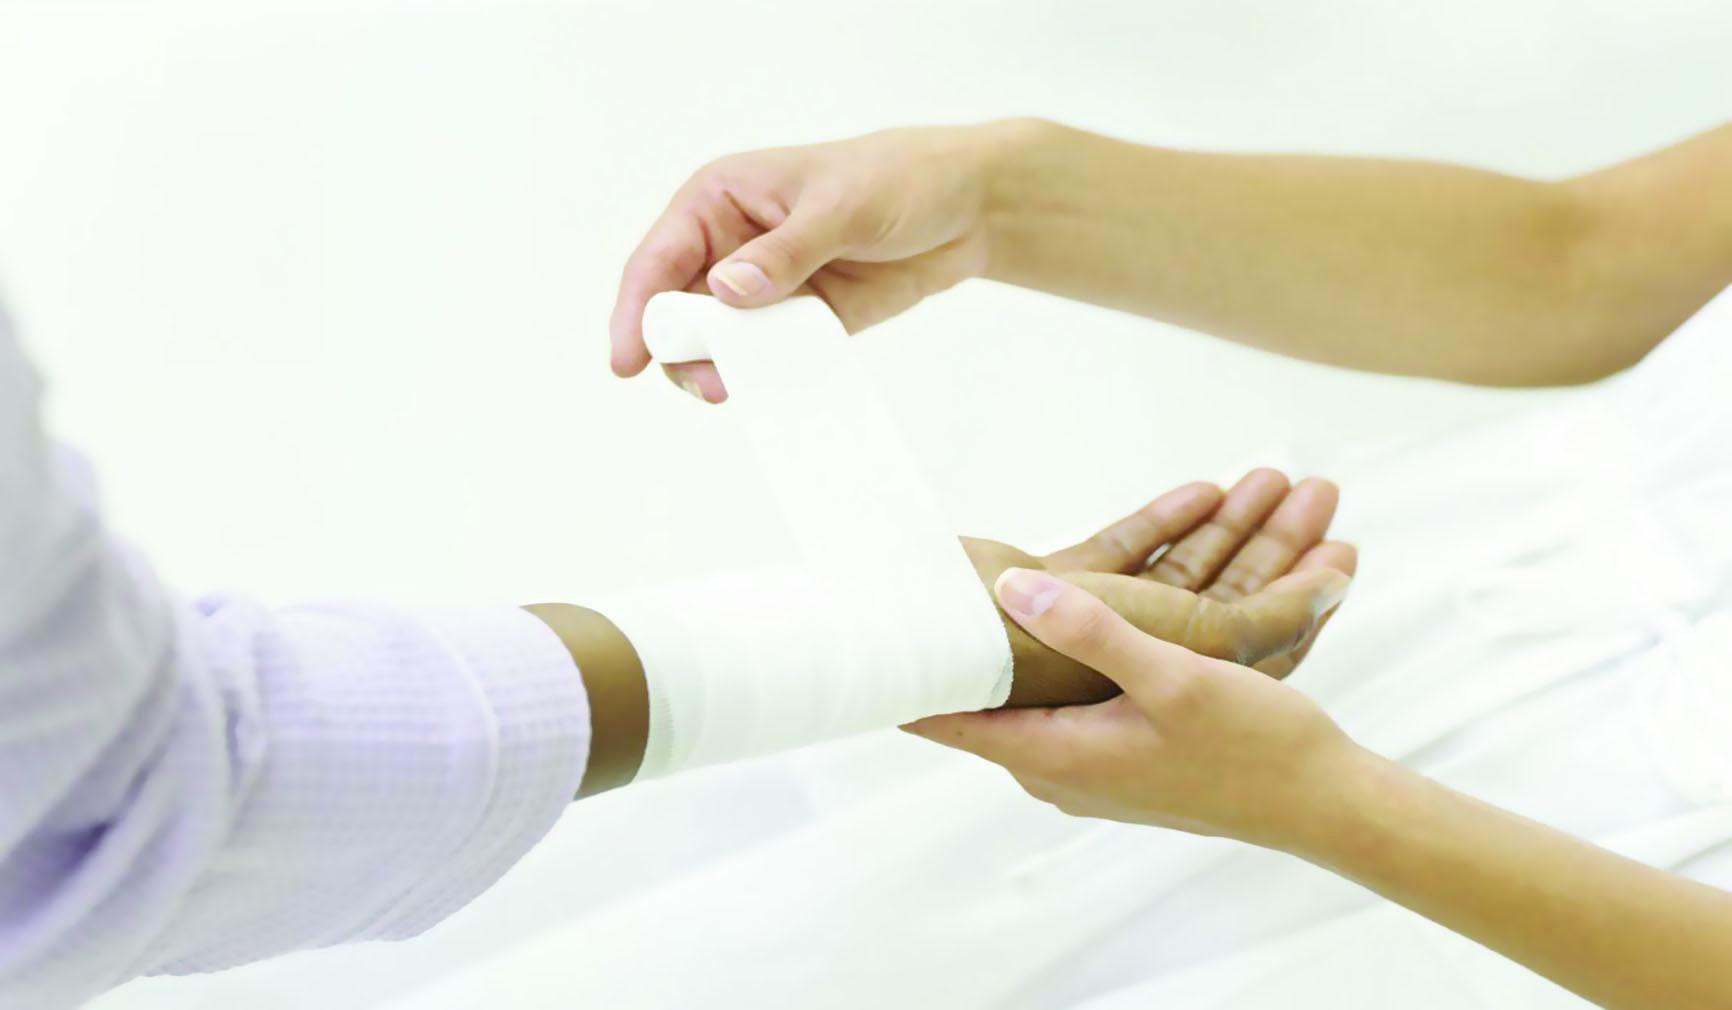 تقنية طبية تساعد على التئام الجروح خلال ثوان